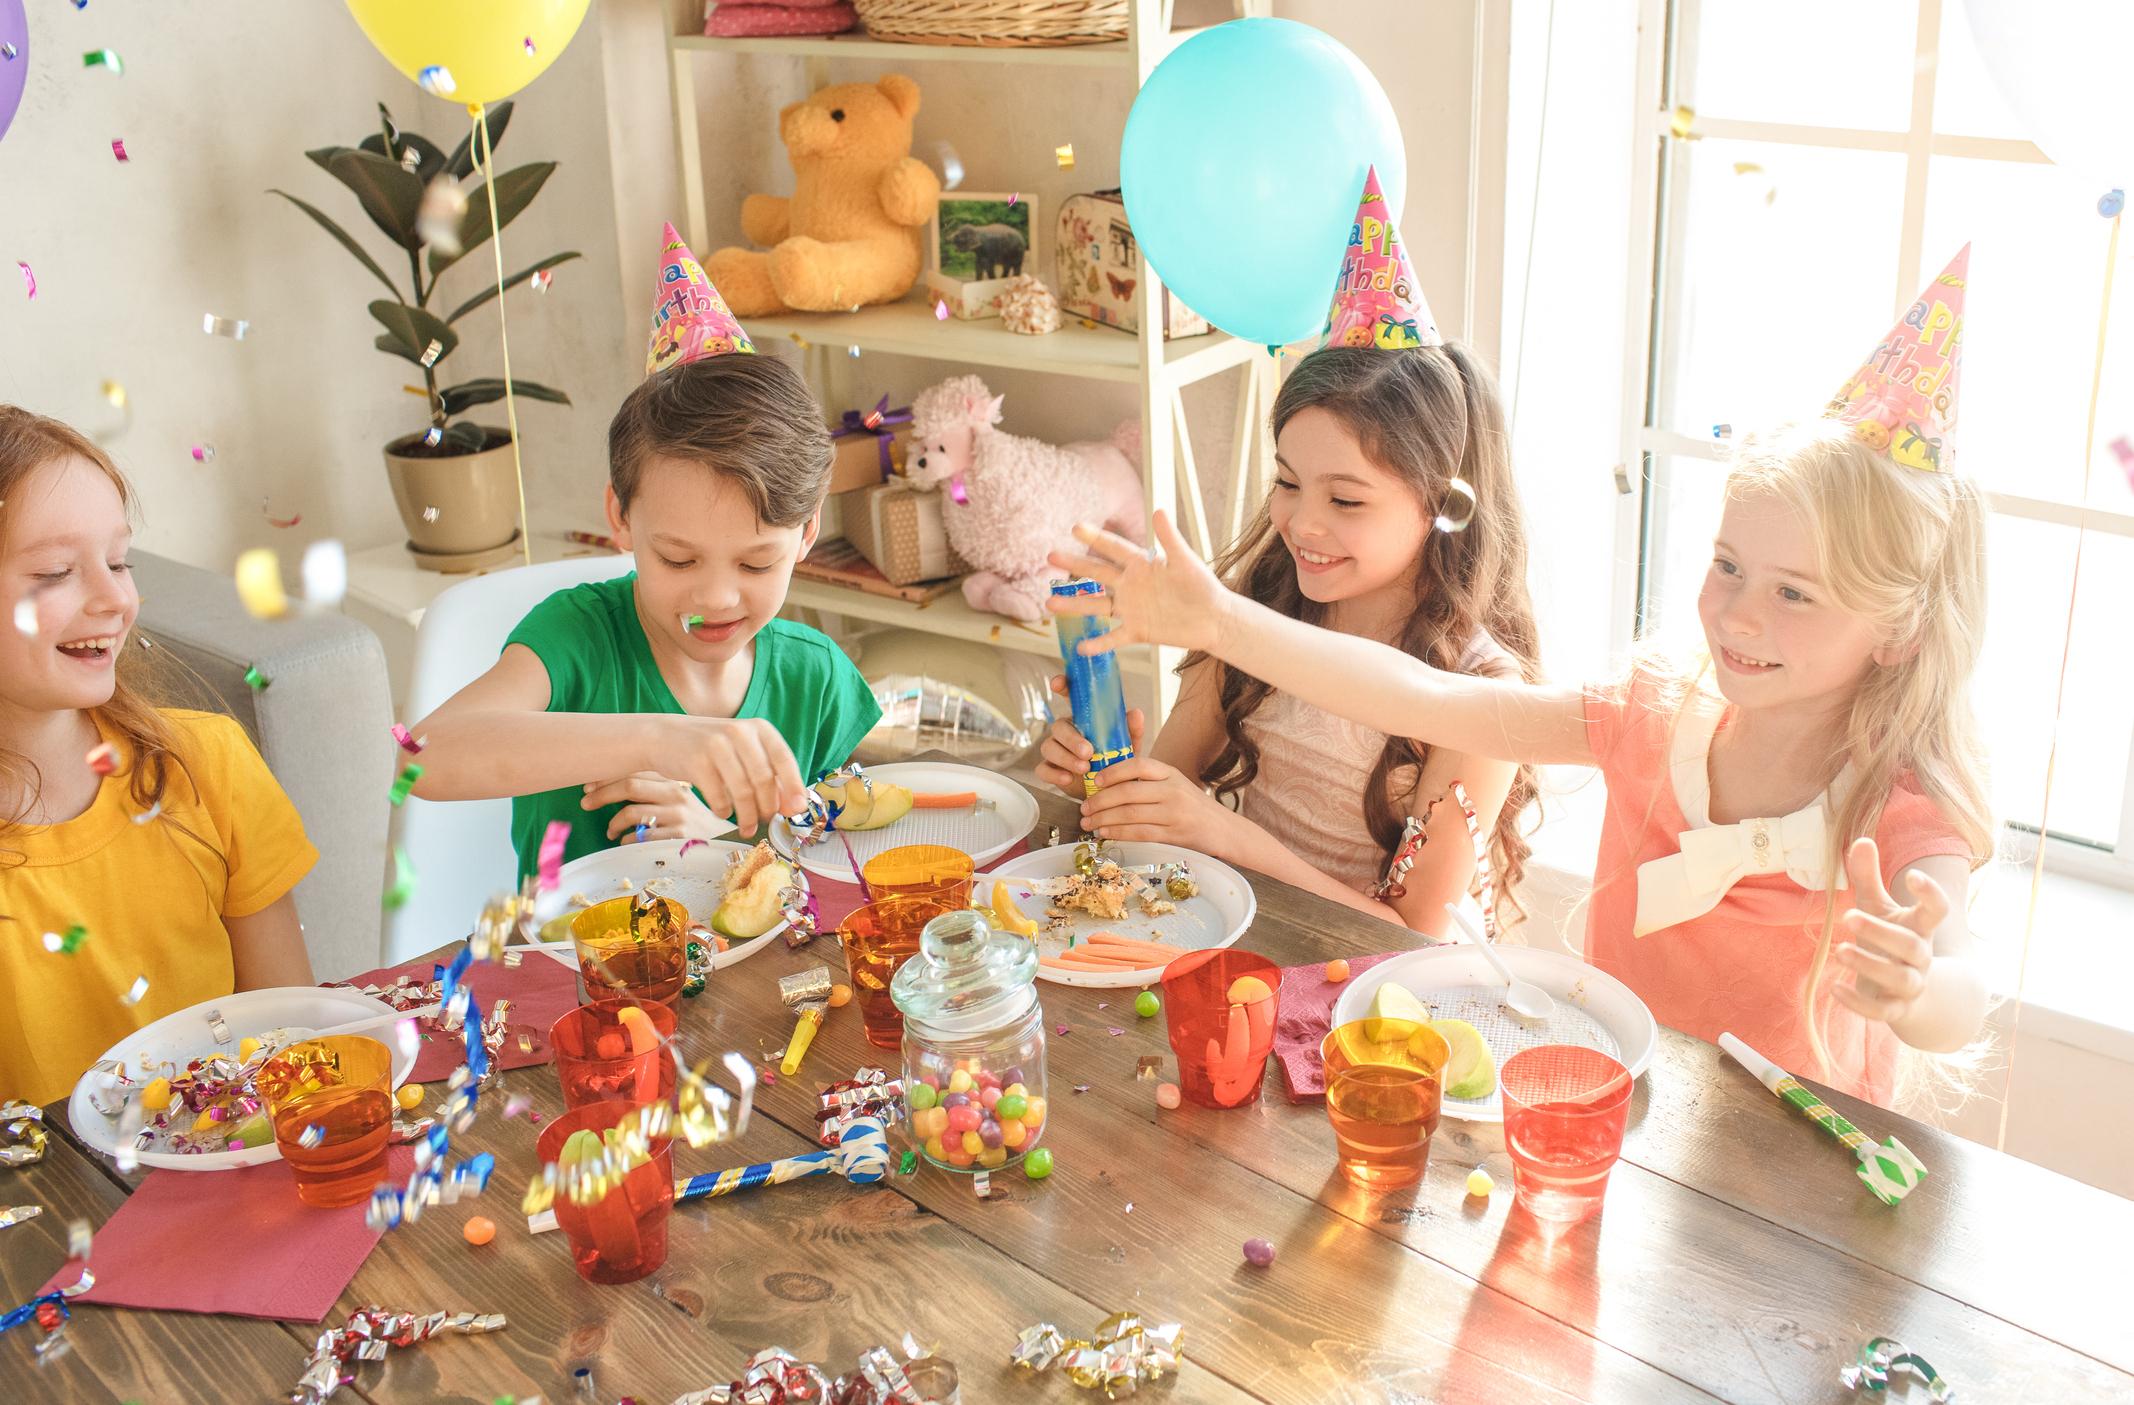 20 Tolle Indoor-Spiele Für Den Kindergeburtstag | Familie.de verwandt mit Lustige Spiele Für Kindergeburtstag